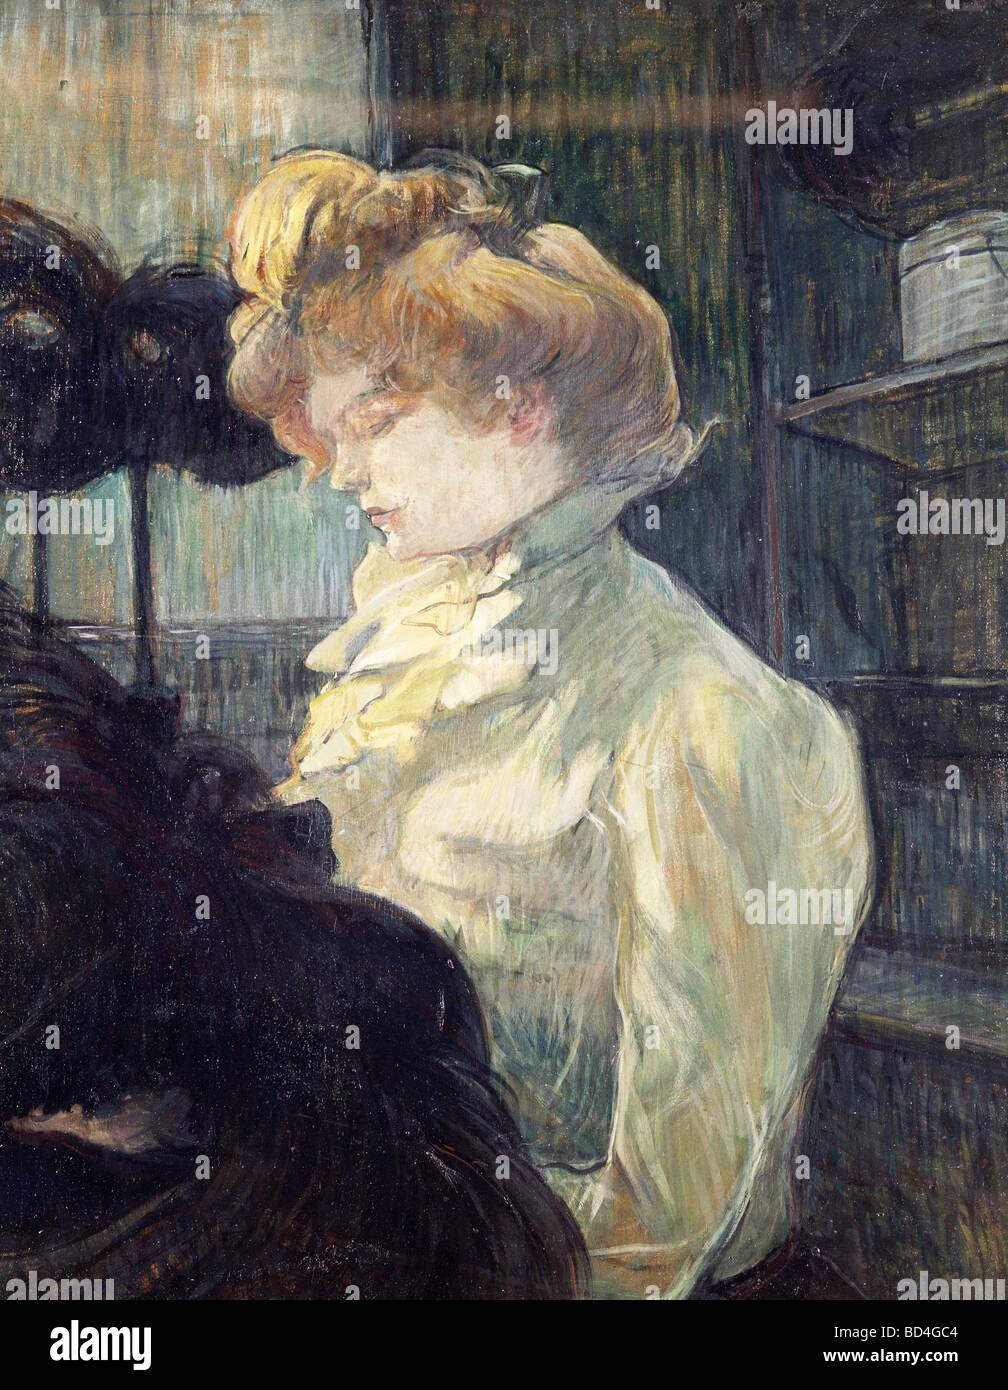 fine arts, Toulouse-Lautrec, Henri de (1864 - 1901), painting, 'La Modiste', 1900, Museum Albi, Europe, - Stock Image